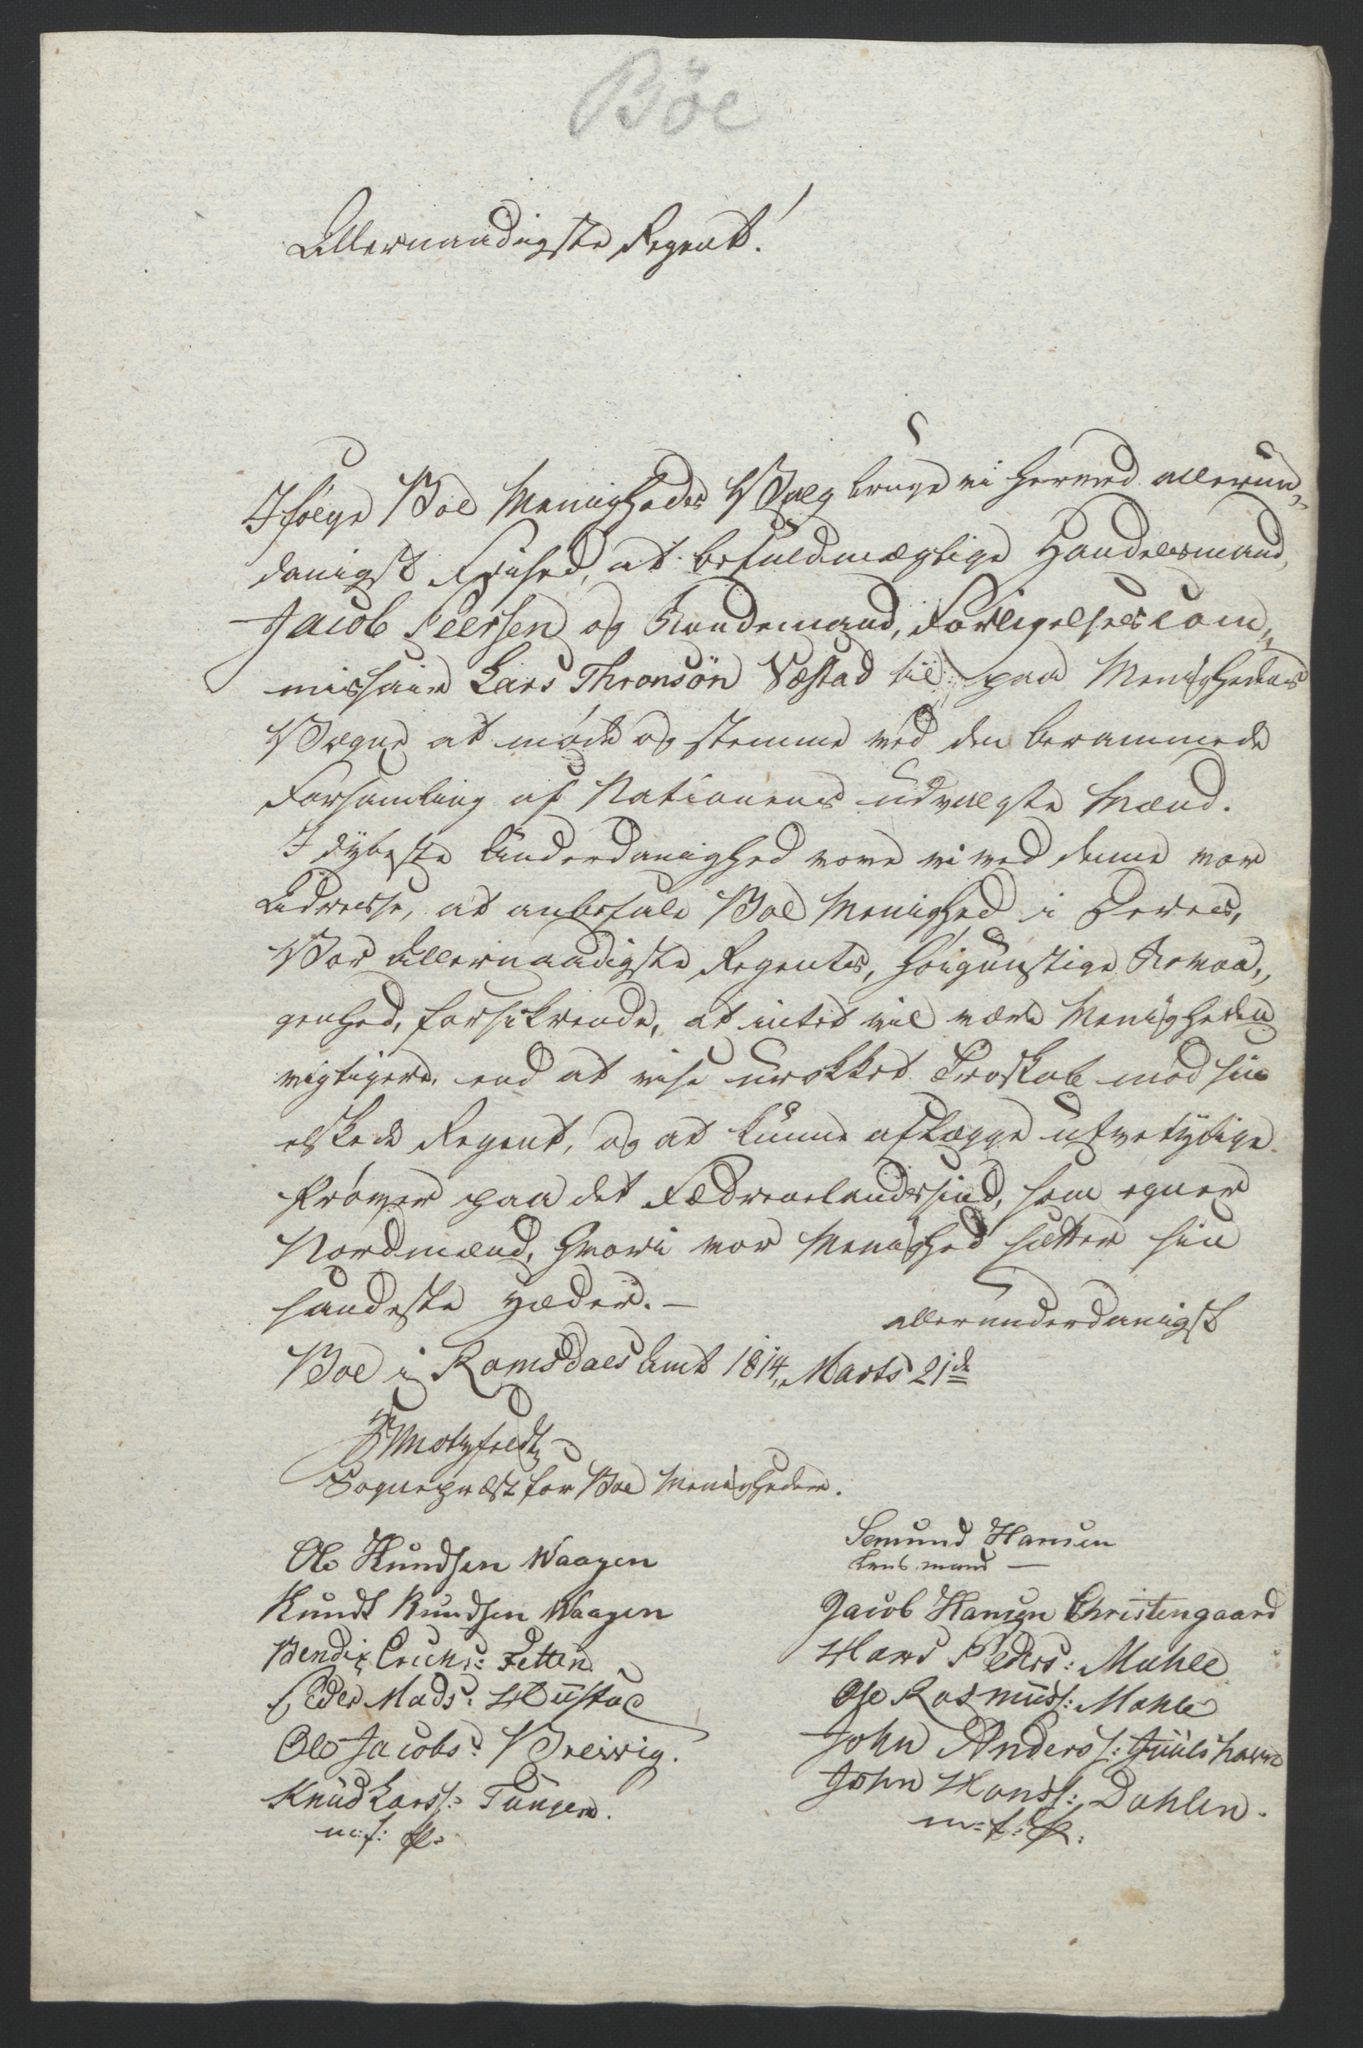 RA, Statsrådssekretariatet, D/Db/L0008: Fullmakter for Eidsvollsrepresentantene i 1814. , 1814, s. 366